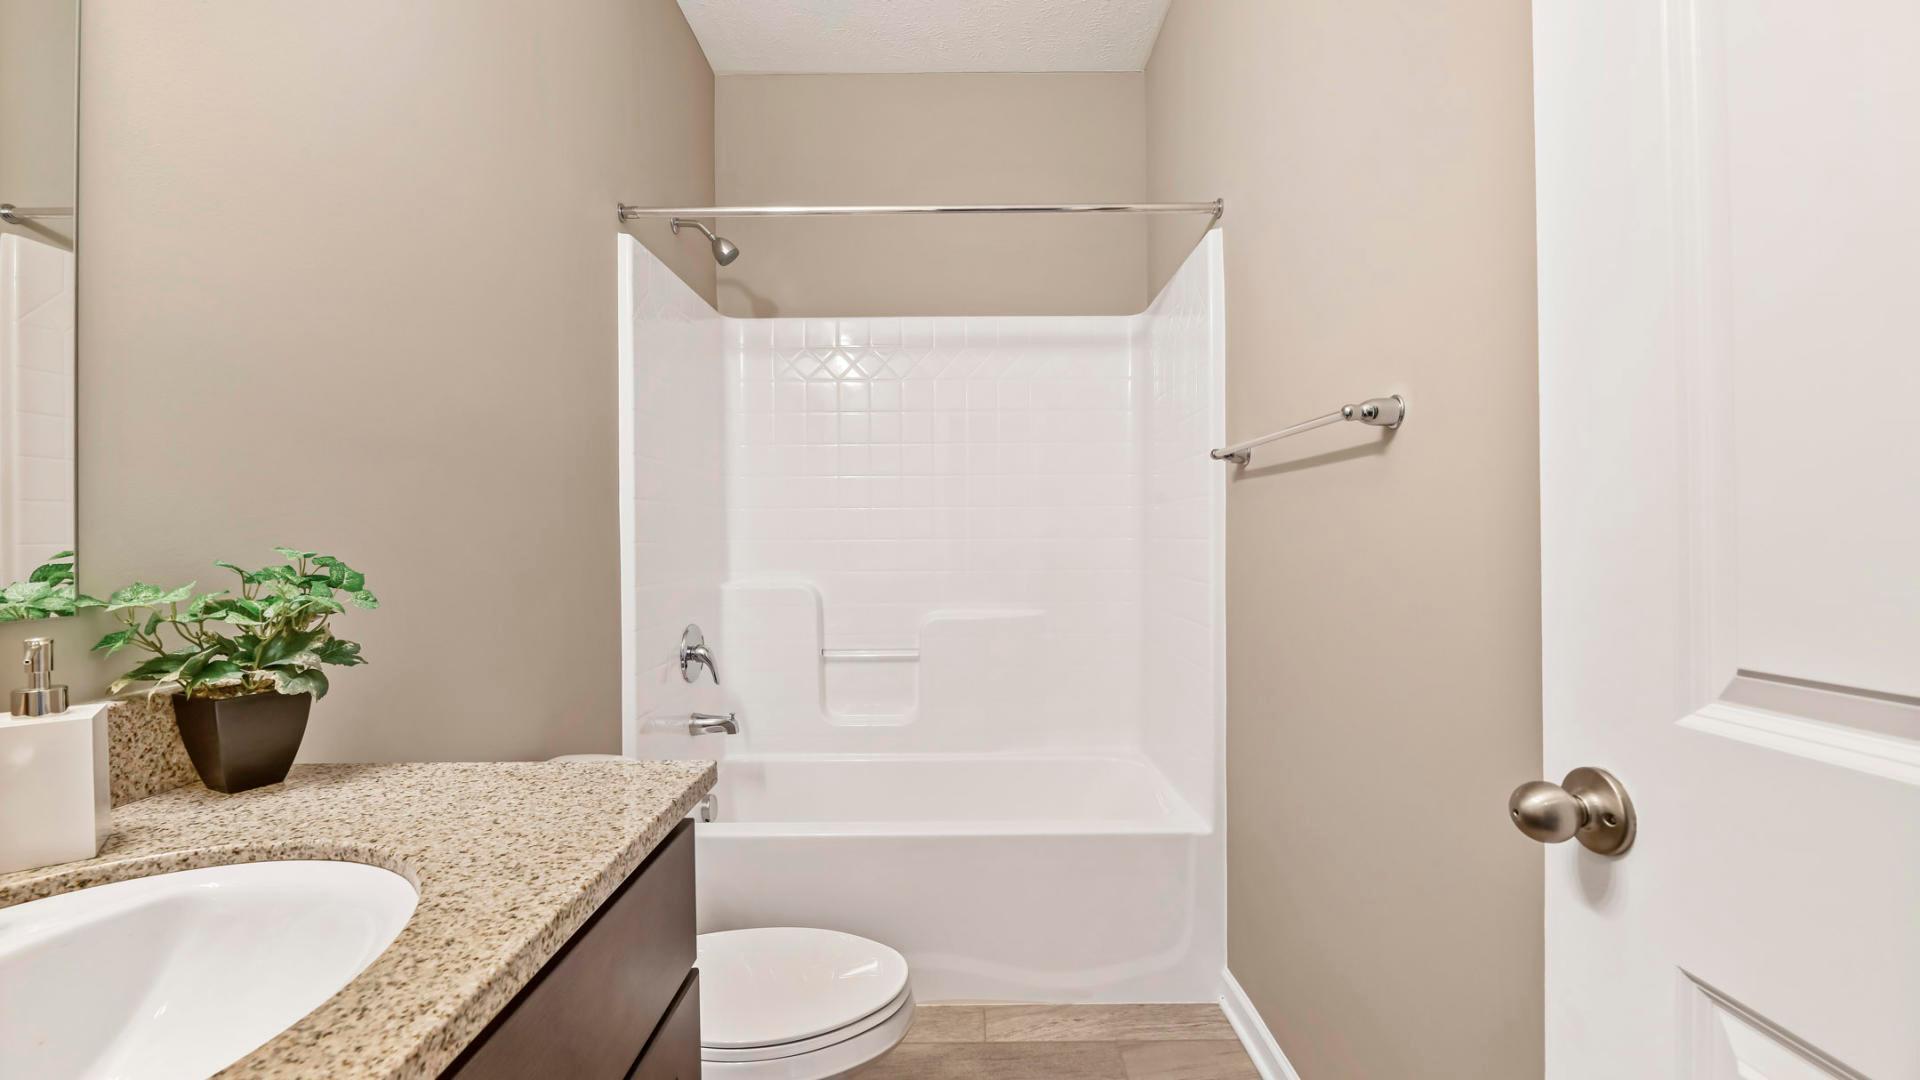 Bathroom featured in the Drexel By Maronda Homes in Cincinnati, OH